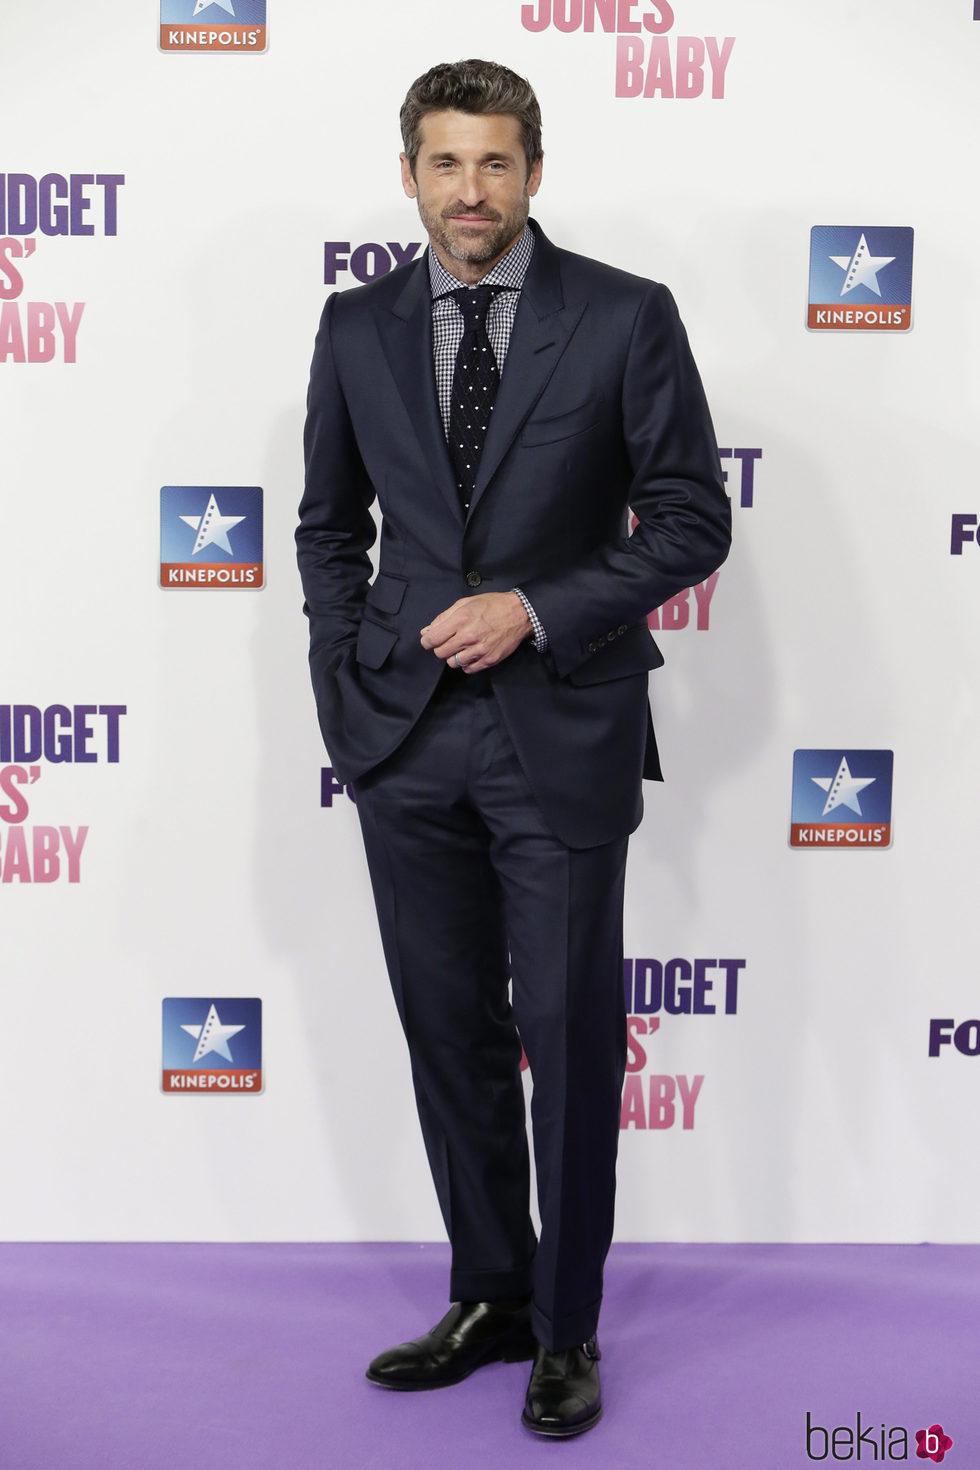 Patrick Dempsey en el estreno de 'Bridget Jones' baby' en Madrid